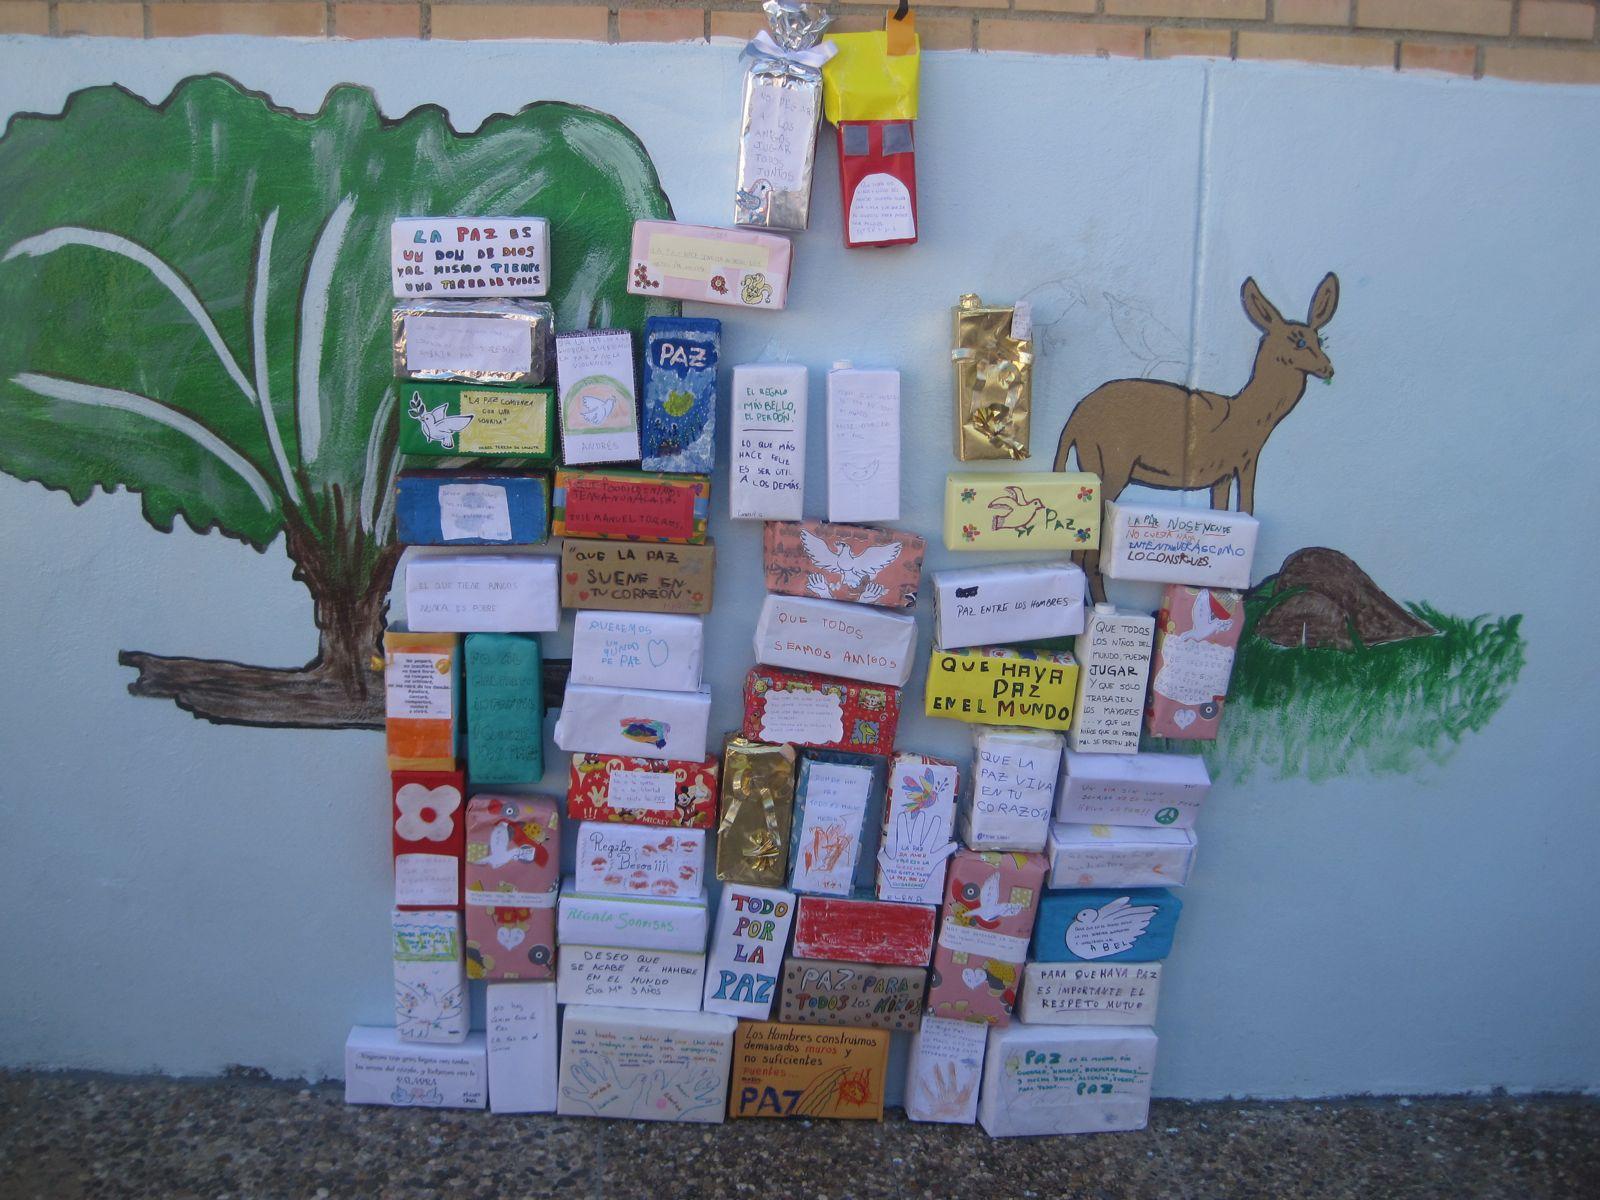 Colegio Cervantes De El Pedroso Día De La Paz 1ª Entrega El Muro De La Paz